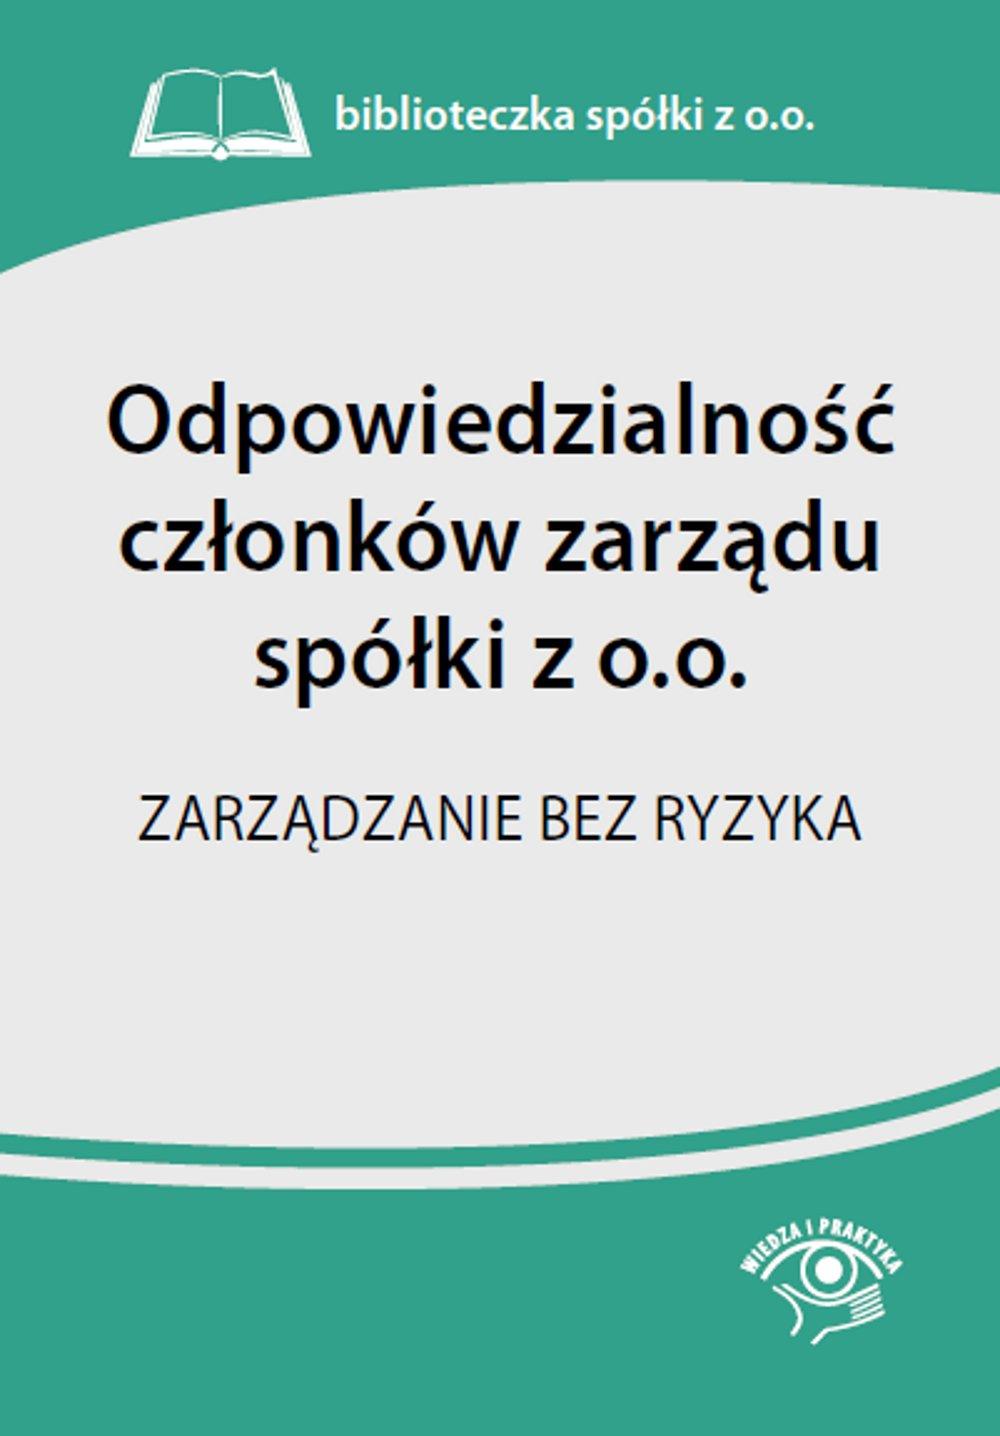 Odpowiedzialność członków zarządu spółki z o.o. Zarządzanie bez ryzyka - Ebook (Książka na Kindle) do pobrania w formacie MOBI